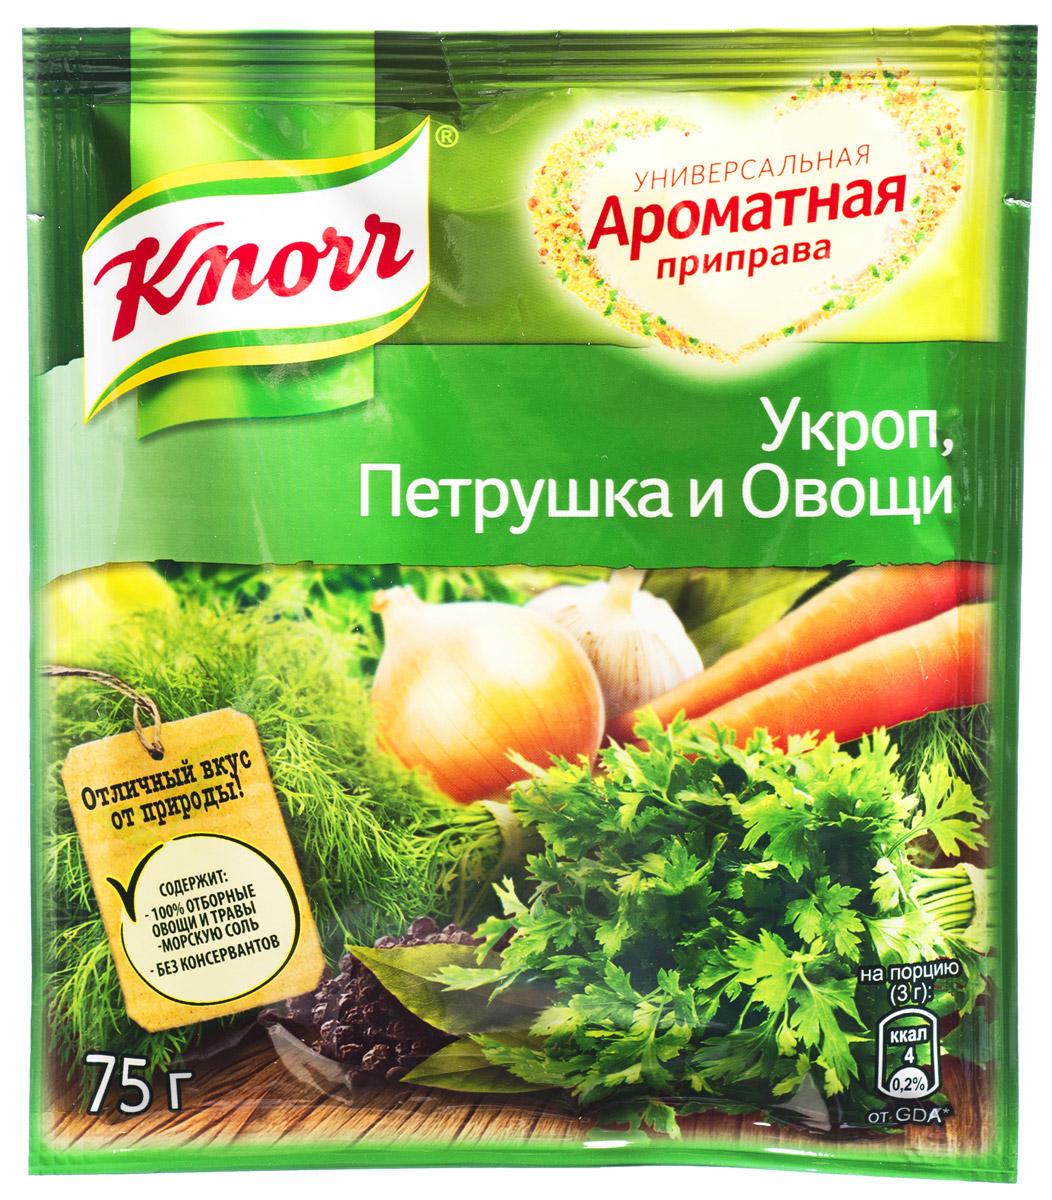 Knorr Ароматная приправа, 75 г20243854Выращенные с любовью натуральные спелые овощи мы дополнили знакомыми травами: укропом и петрушкой. Добавьте Ароматную приправу, и кухню наполнит пикантный аромат свежей зелени! Правильные пропорции любимых трав в сочетании с полезной морской солью в составе придадут вашим блюдам сбалансированный вкус. Всем привычное и любимое сочетание укропа и петрушки уходит корнями в исконно русские рецепты наших прабабушек. У каждой хозяйки есть под рукой эти две травки для дополнения и украшения салатов, супов и гарниров. Молодые побеги укропа добавляют в горячие и холодные блюда. Его листья и стебли придают еде освежающий вкус и летний аромат. Если ароматный укроп — северная приправа, то петрушка — южная. Основной ее аромат находится в стеблях, а не в листьях, поэтому для супов, гарниров и вторых блюд ее издавна используют в сушеном виде. Особенно подходит петрушка к рыбным блюдам, придавая нежному рыбному мясу пряный вкус и аромат. Когда овощи и...